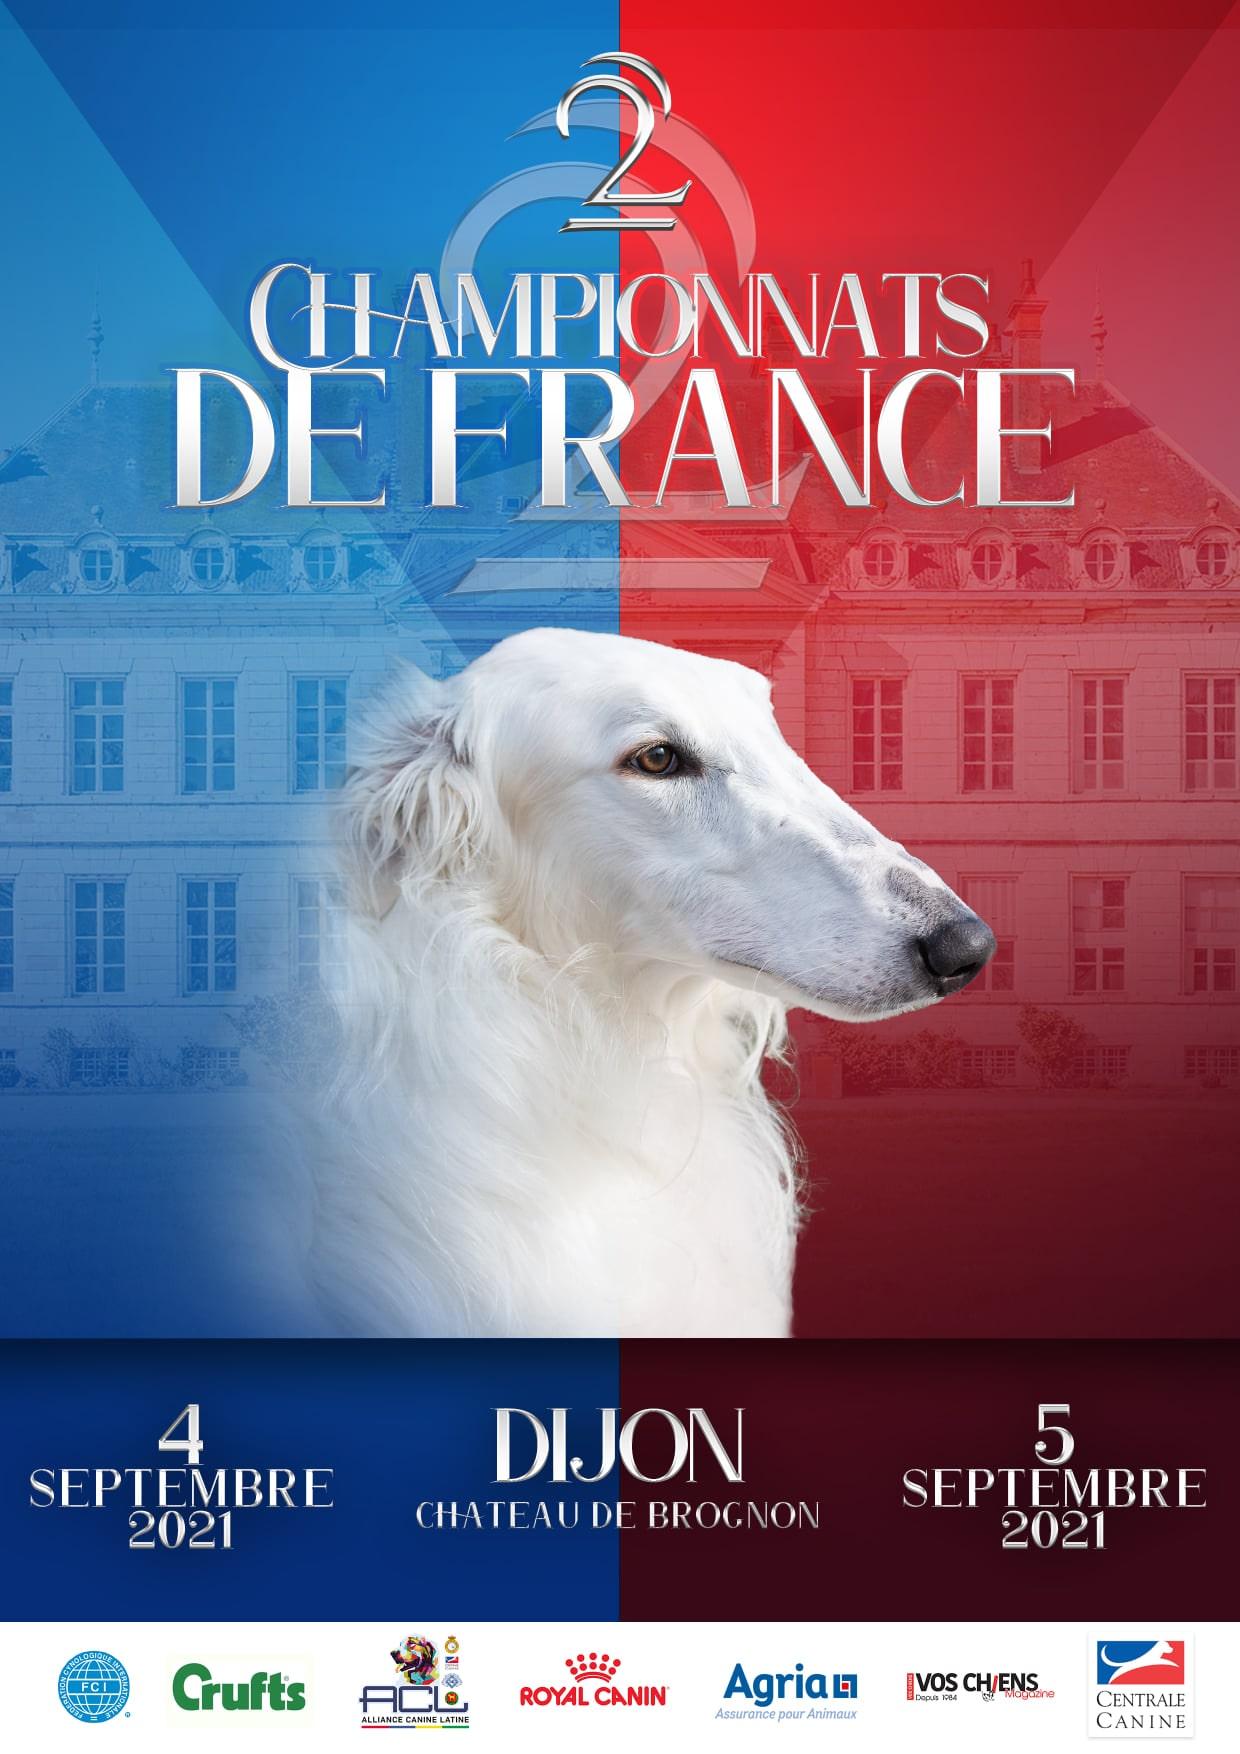 Championnat de France de chiens de race